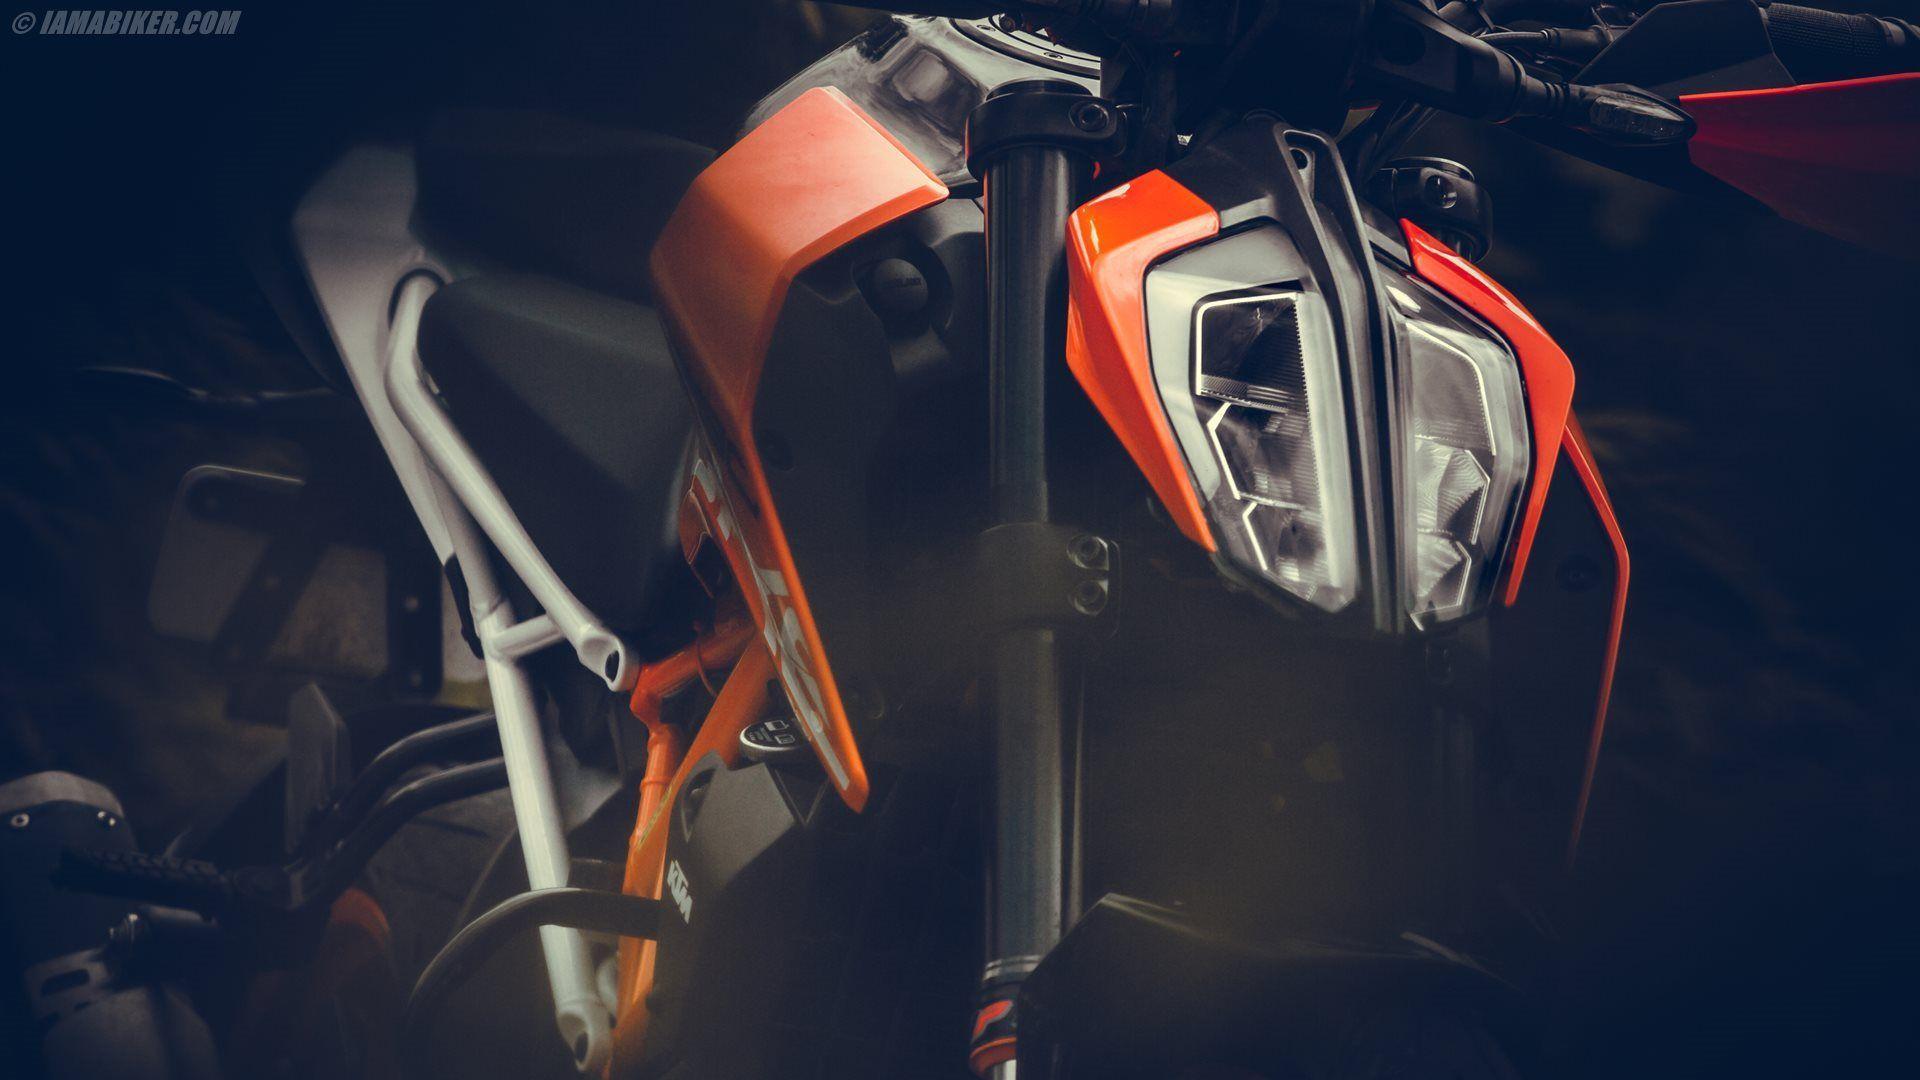 2017 KTM 390 Duke Wallpapers